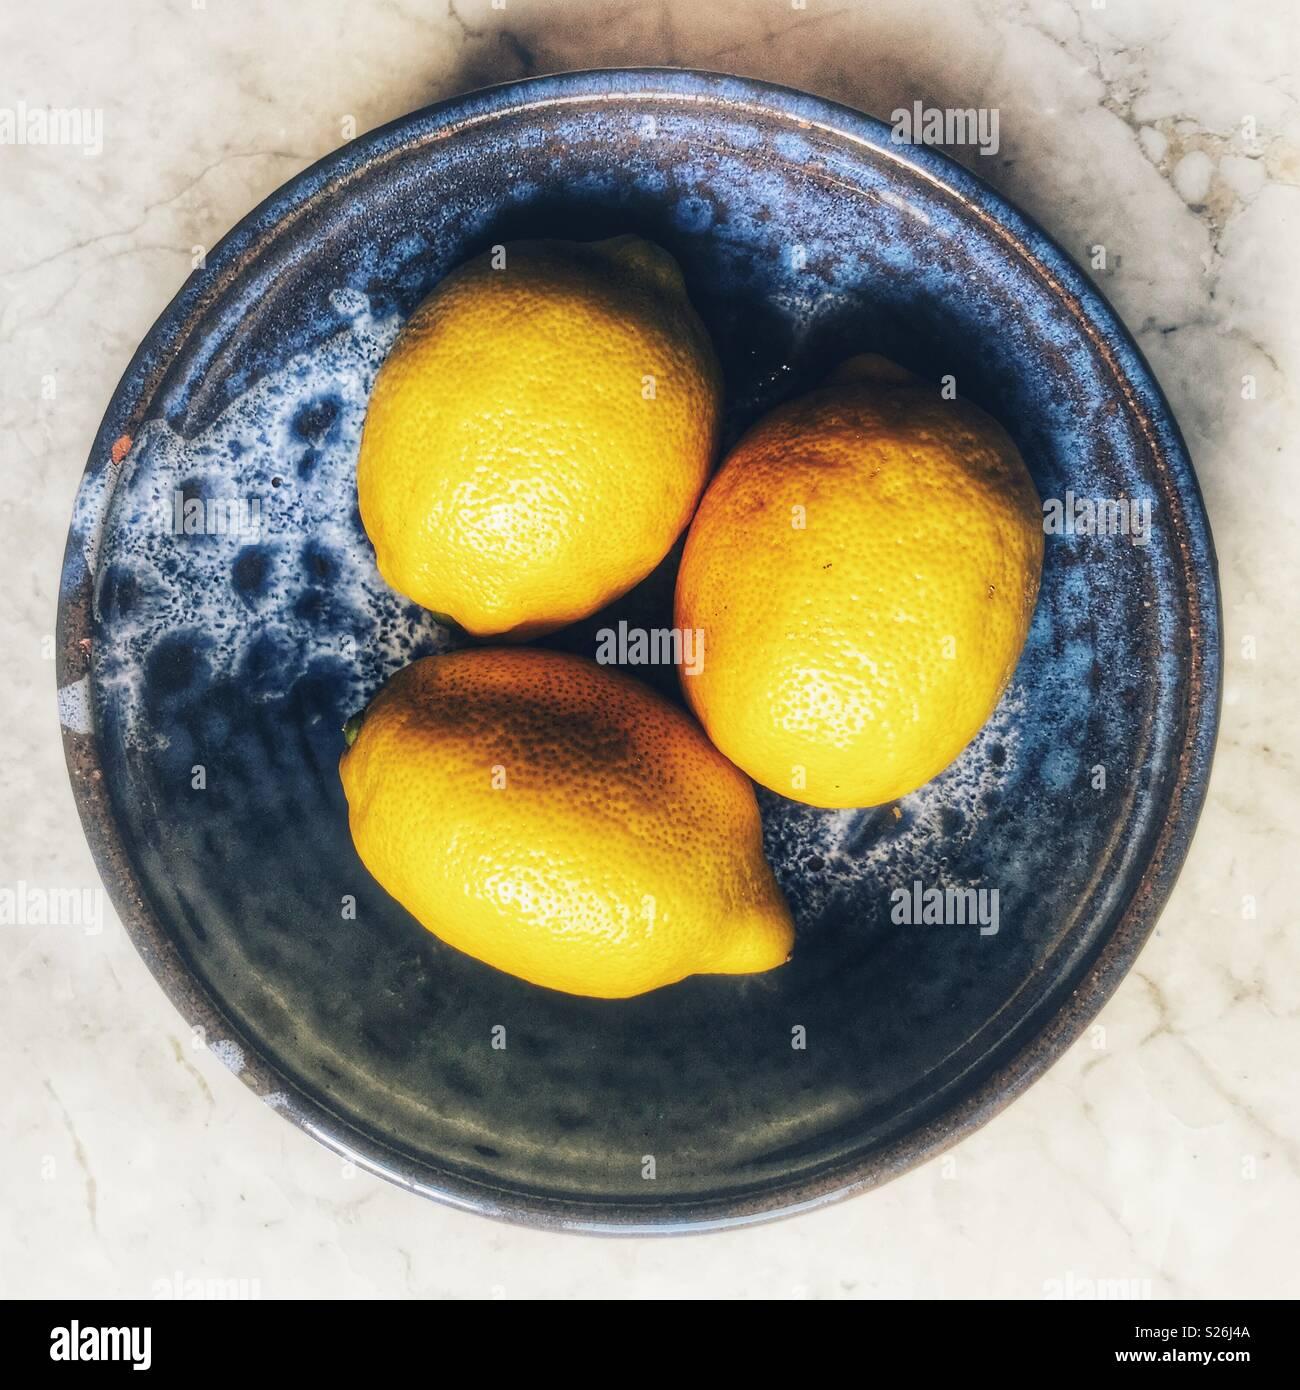 Drei frische Zitronen in einem blauen Keramik Schüssel Stockbild